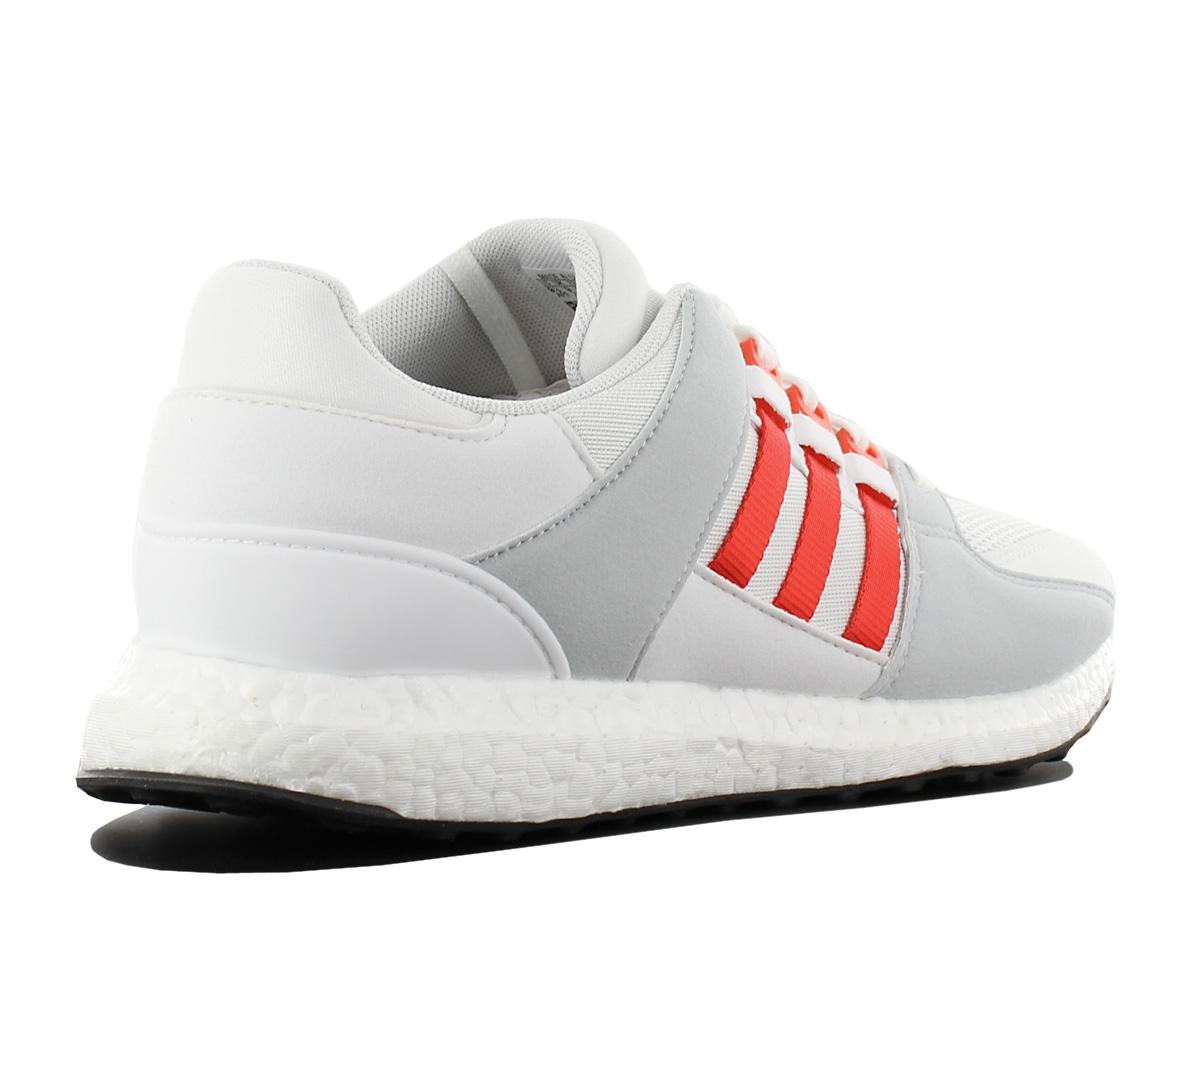 b952dd015904 Adidas Originals Eqt Equipment Support Ultra Boost Men s Sneakers ...